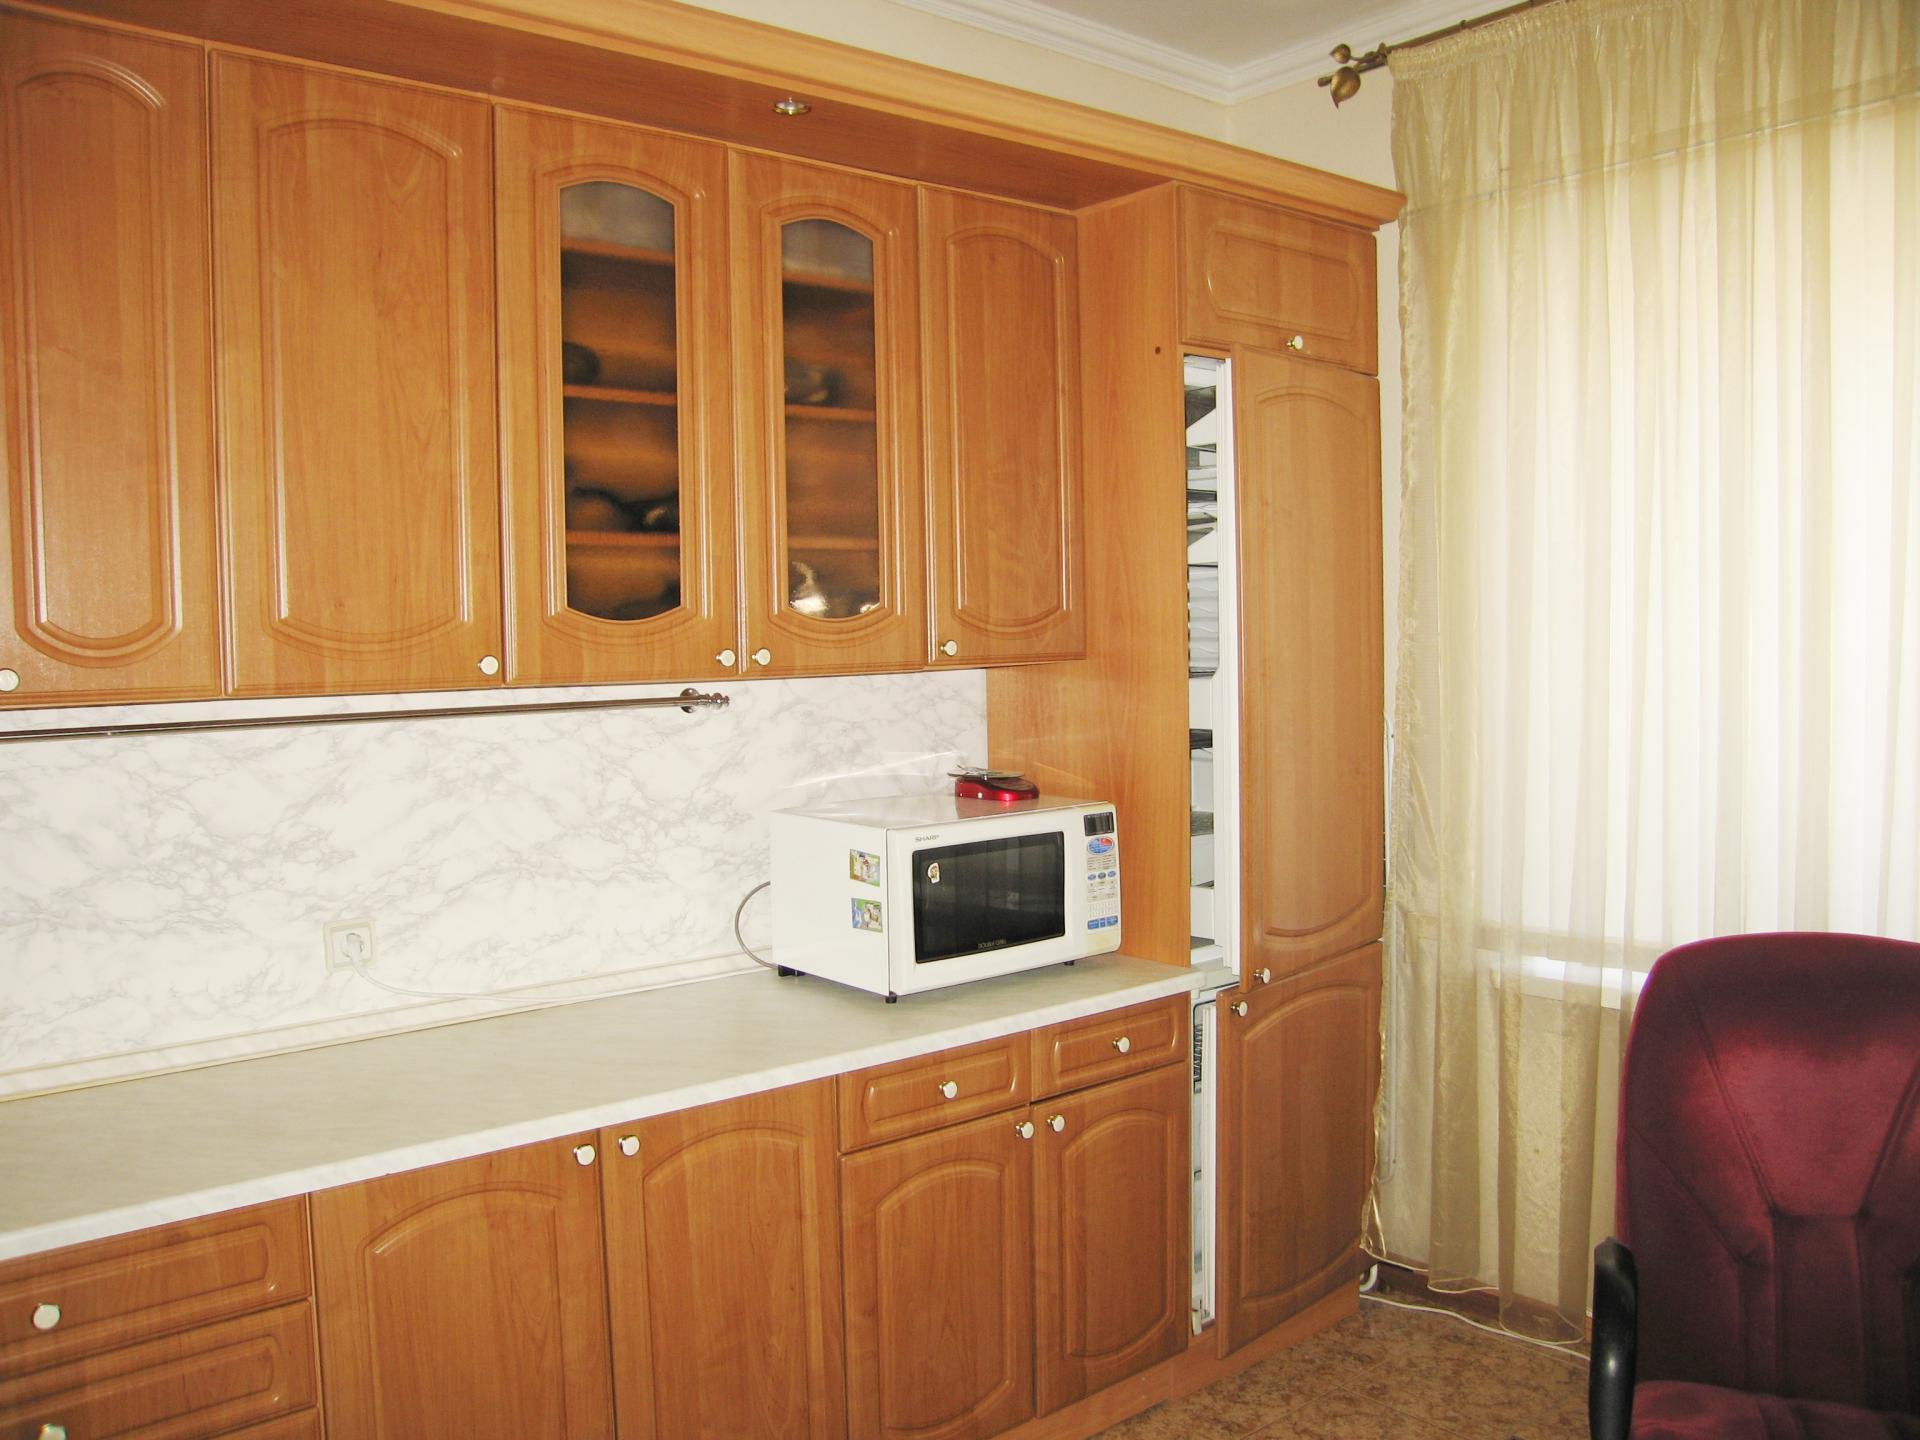 Продам инд по адресу Россия, Тюменская область, Тюмень, Холодильная, 84/2 фото 4 по выгодной цене